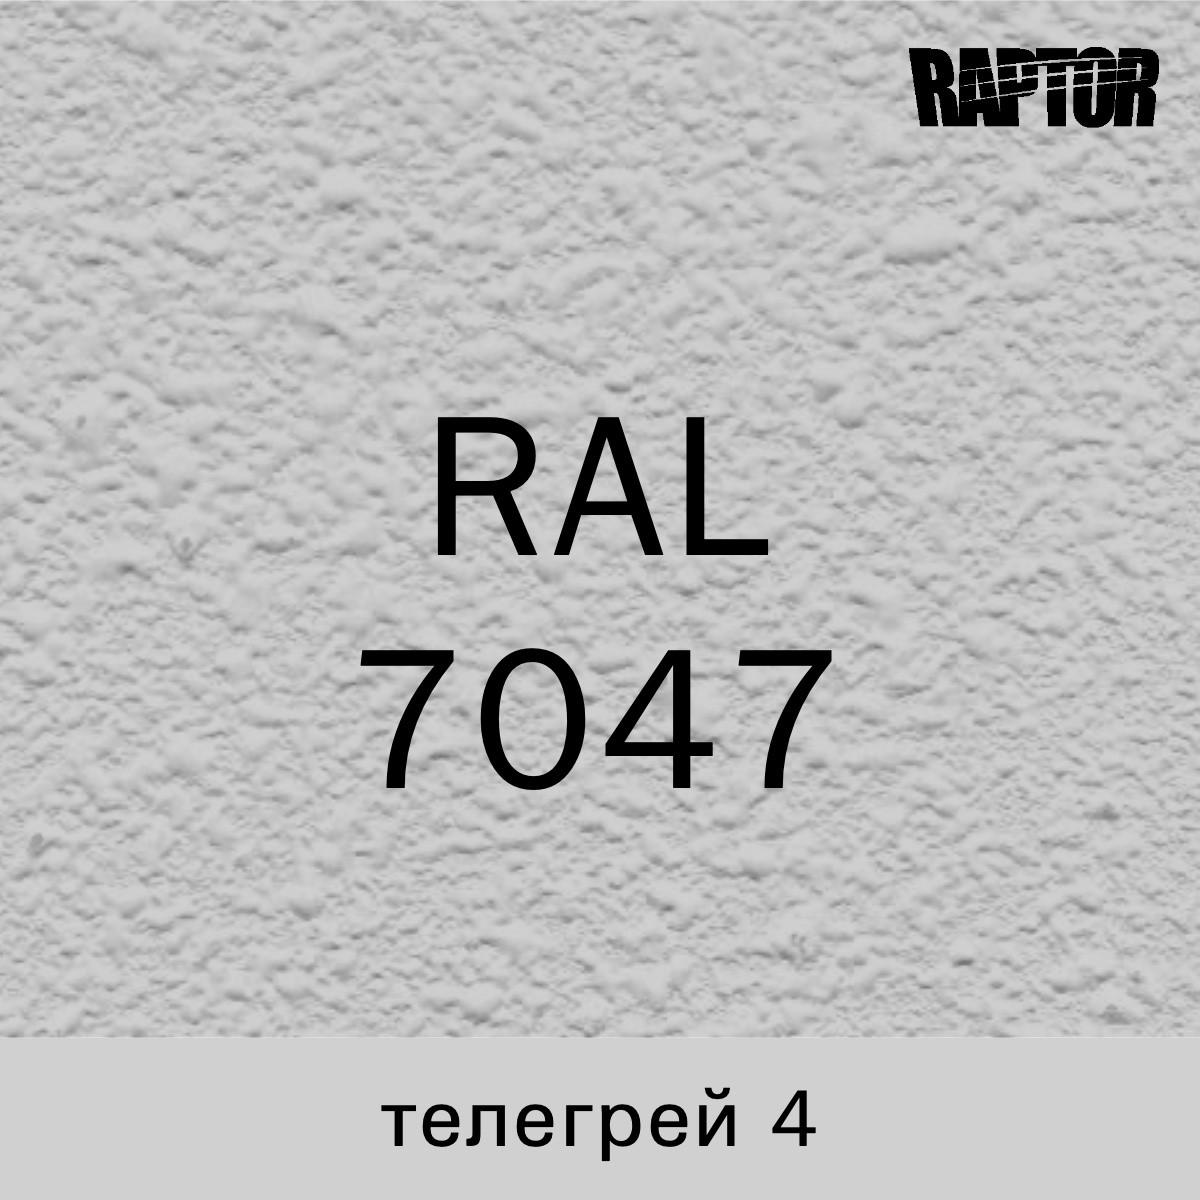 Пигмент для колеровки покрытия RAPTOR™ Телегрей 4 (RAL 7047)